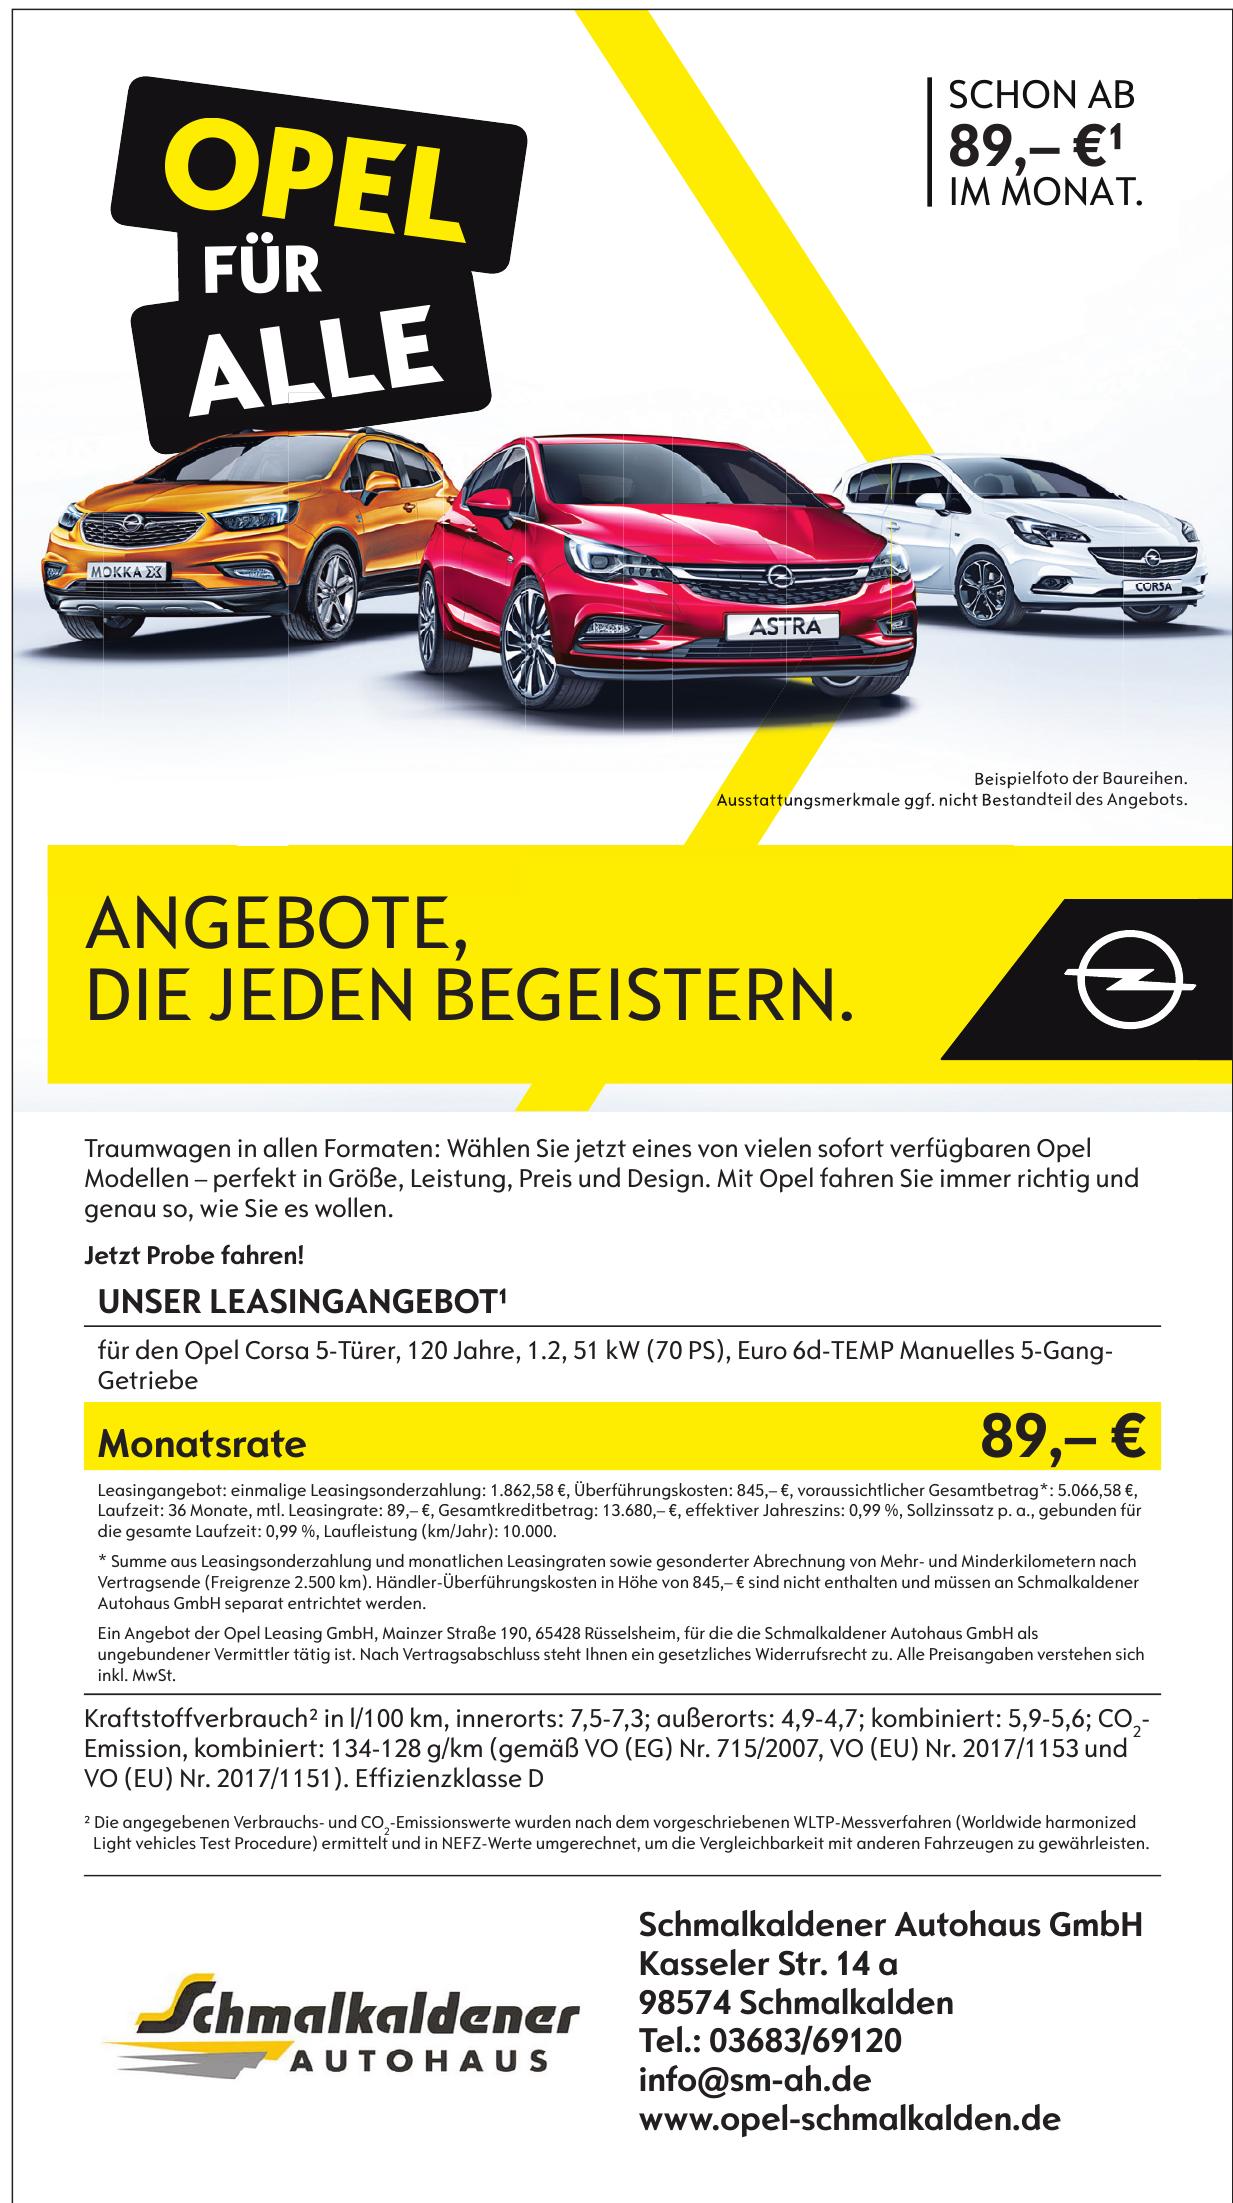 Schmalkaldener Autohaus GmbH